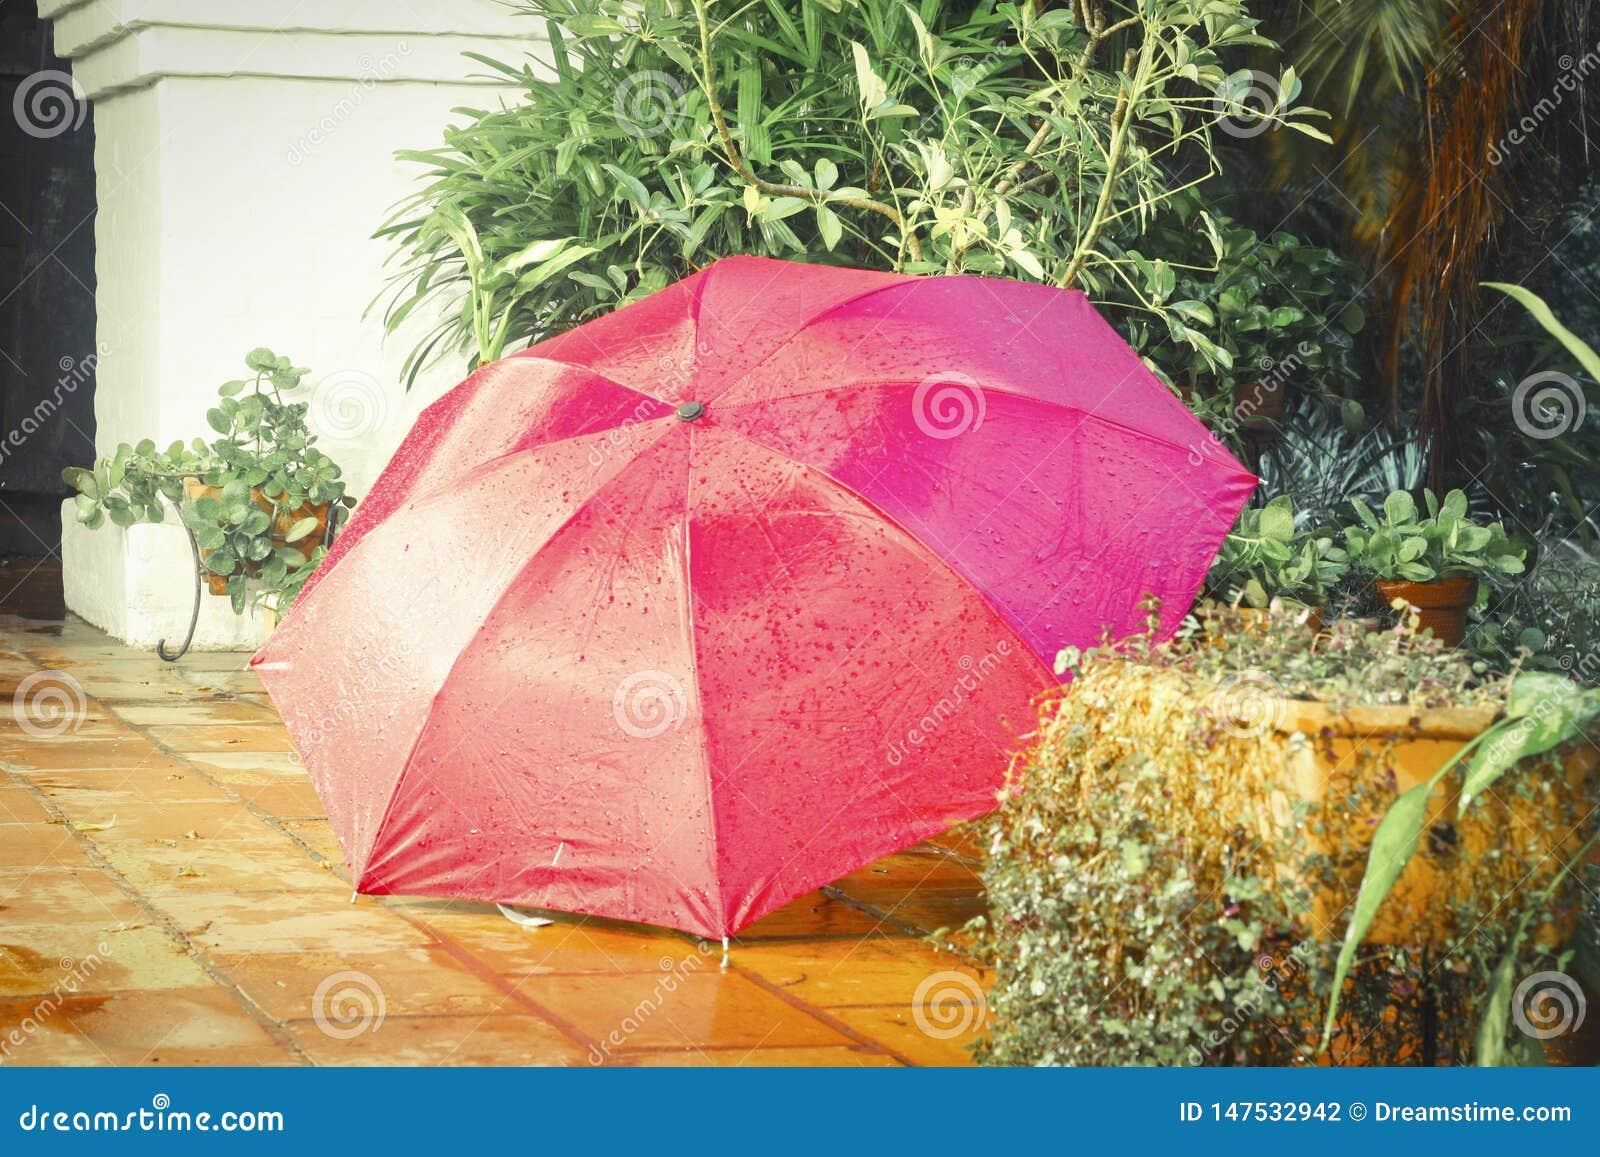 De intense kleur van de paraplu voegt vreugde aan de regen toe